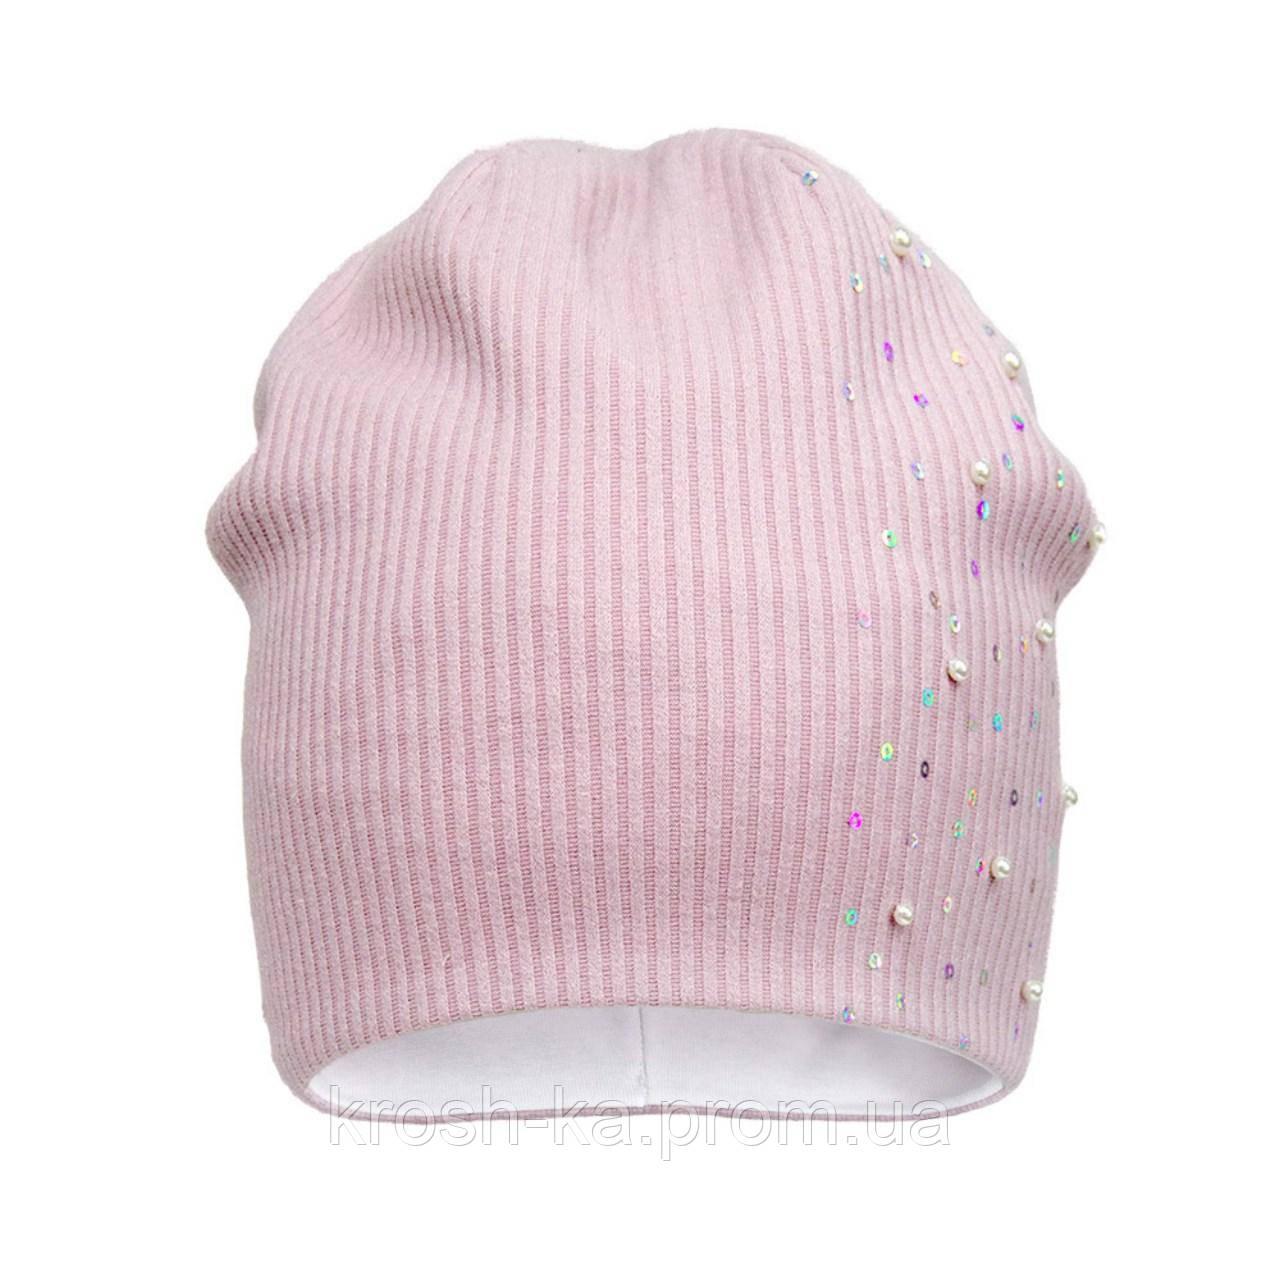 Шапка для девочки трикотажная (50-54)р розовый D.Star Украина 21329